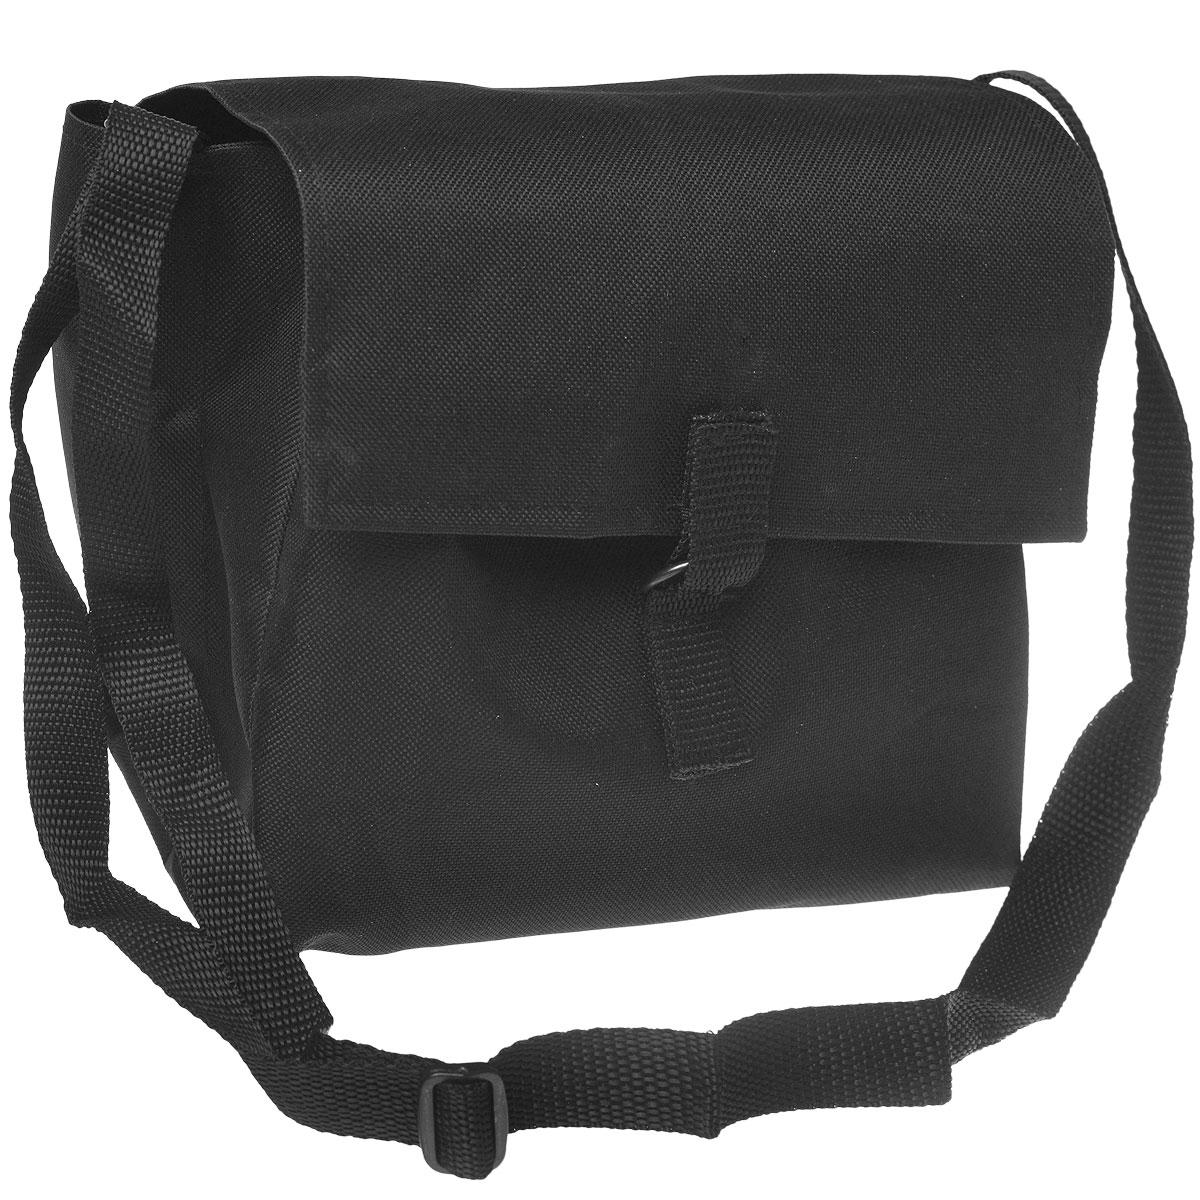 Комплект жерлиц РОСТ, в сумке, диаметр 20 см РОСТ